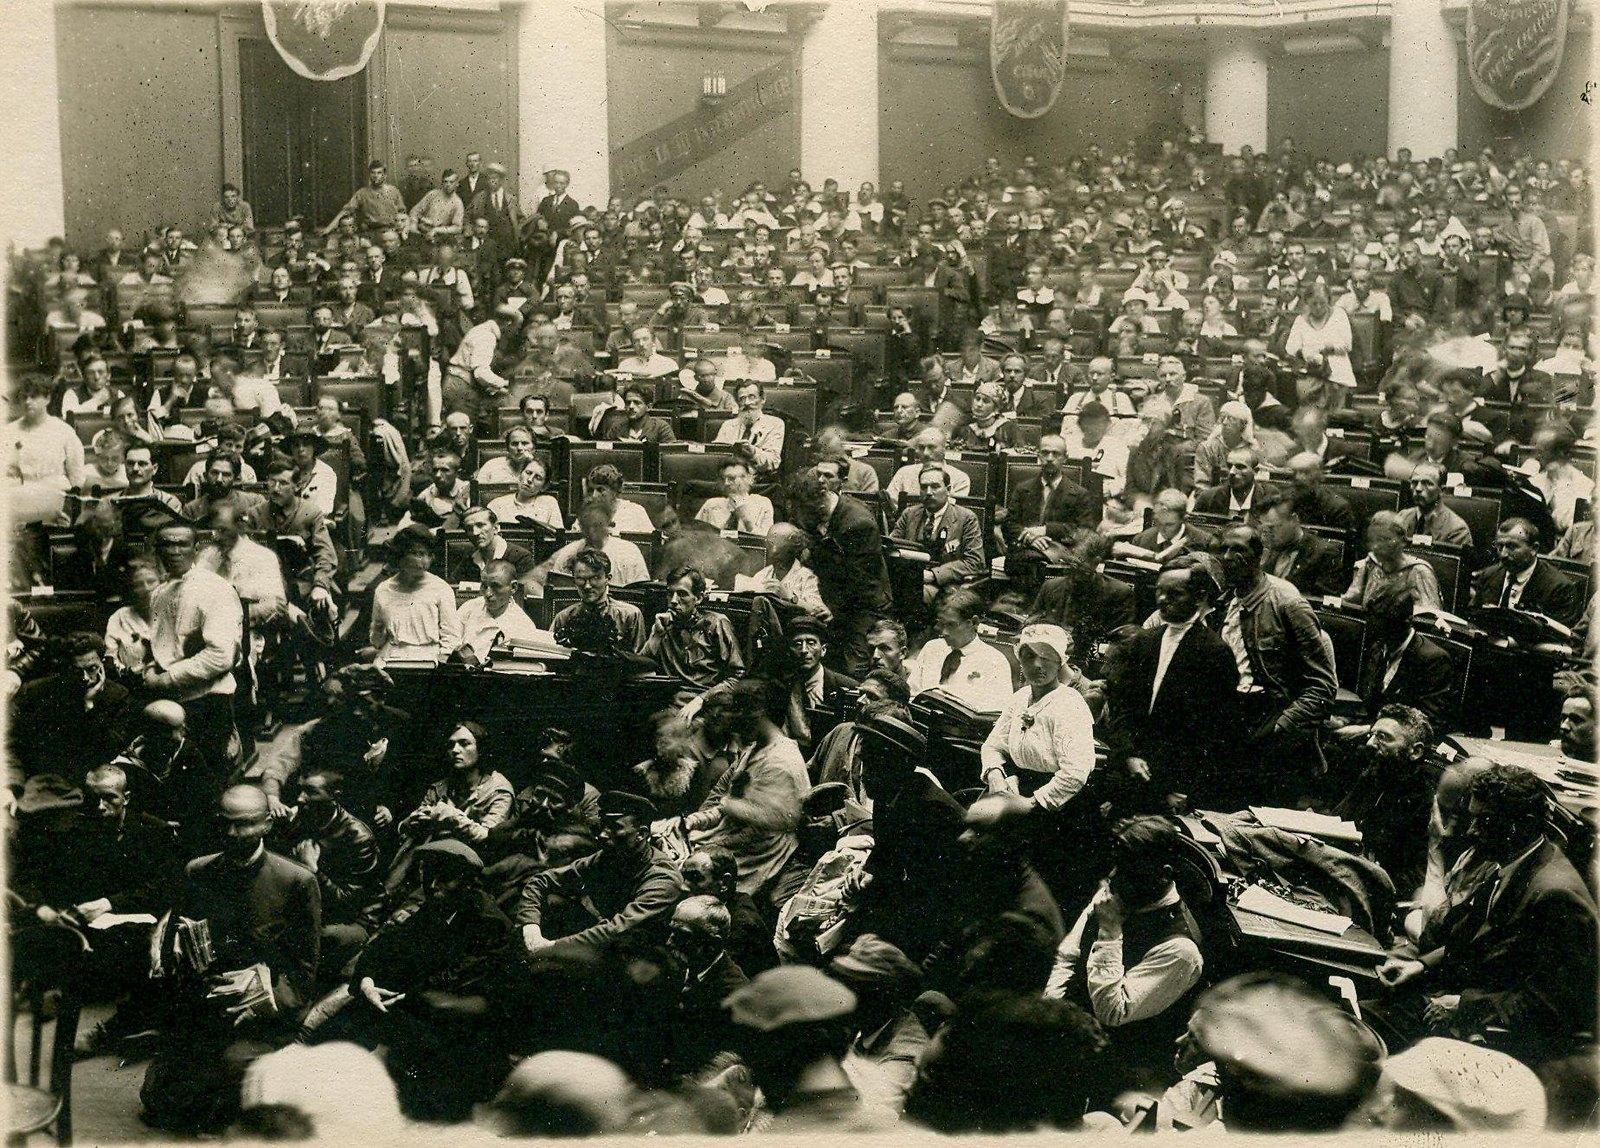 10. 1920. 19 июля. Торжественное открытие II конгресса Коминтерна во дворце Урицкого (Таврическом). Общий вид зала заседаний.